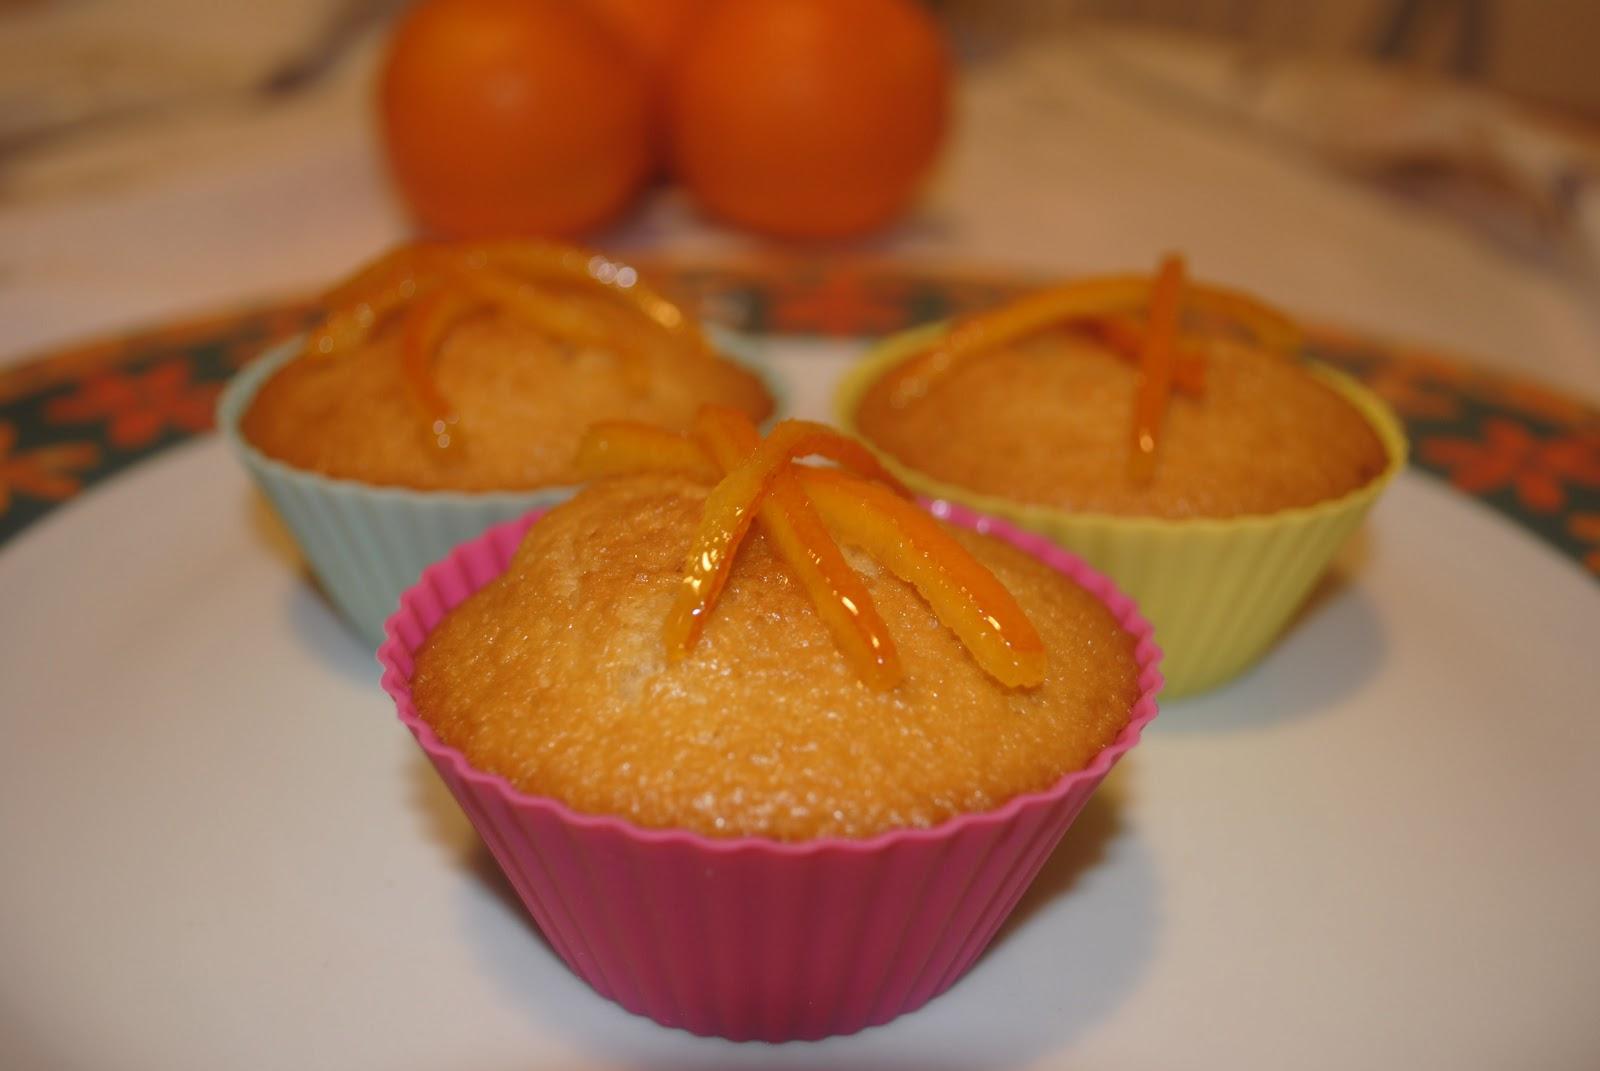 In cucina con gusto muffin all 39 arancia - Prevenire in cucina mangiando con gusto ...